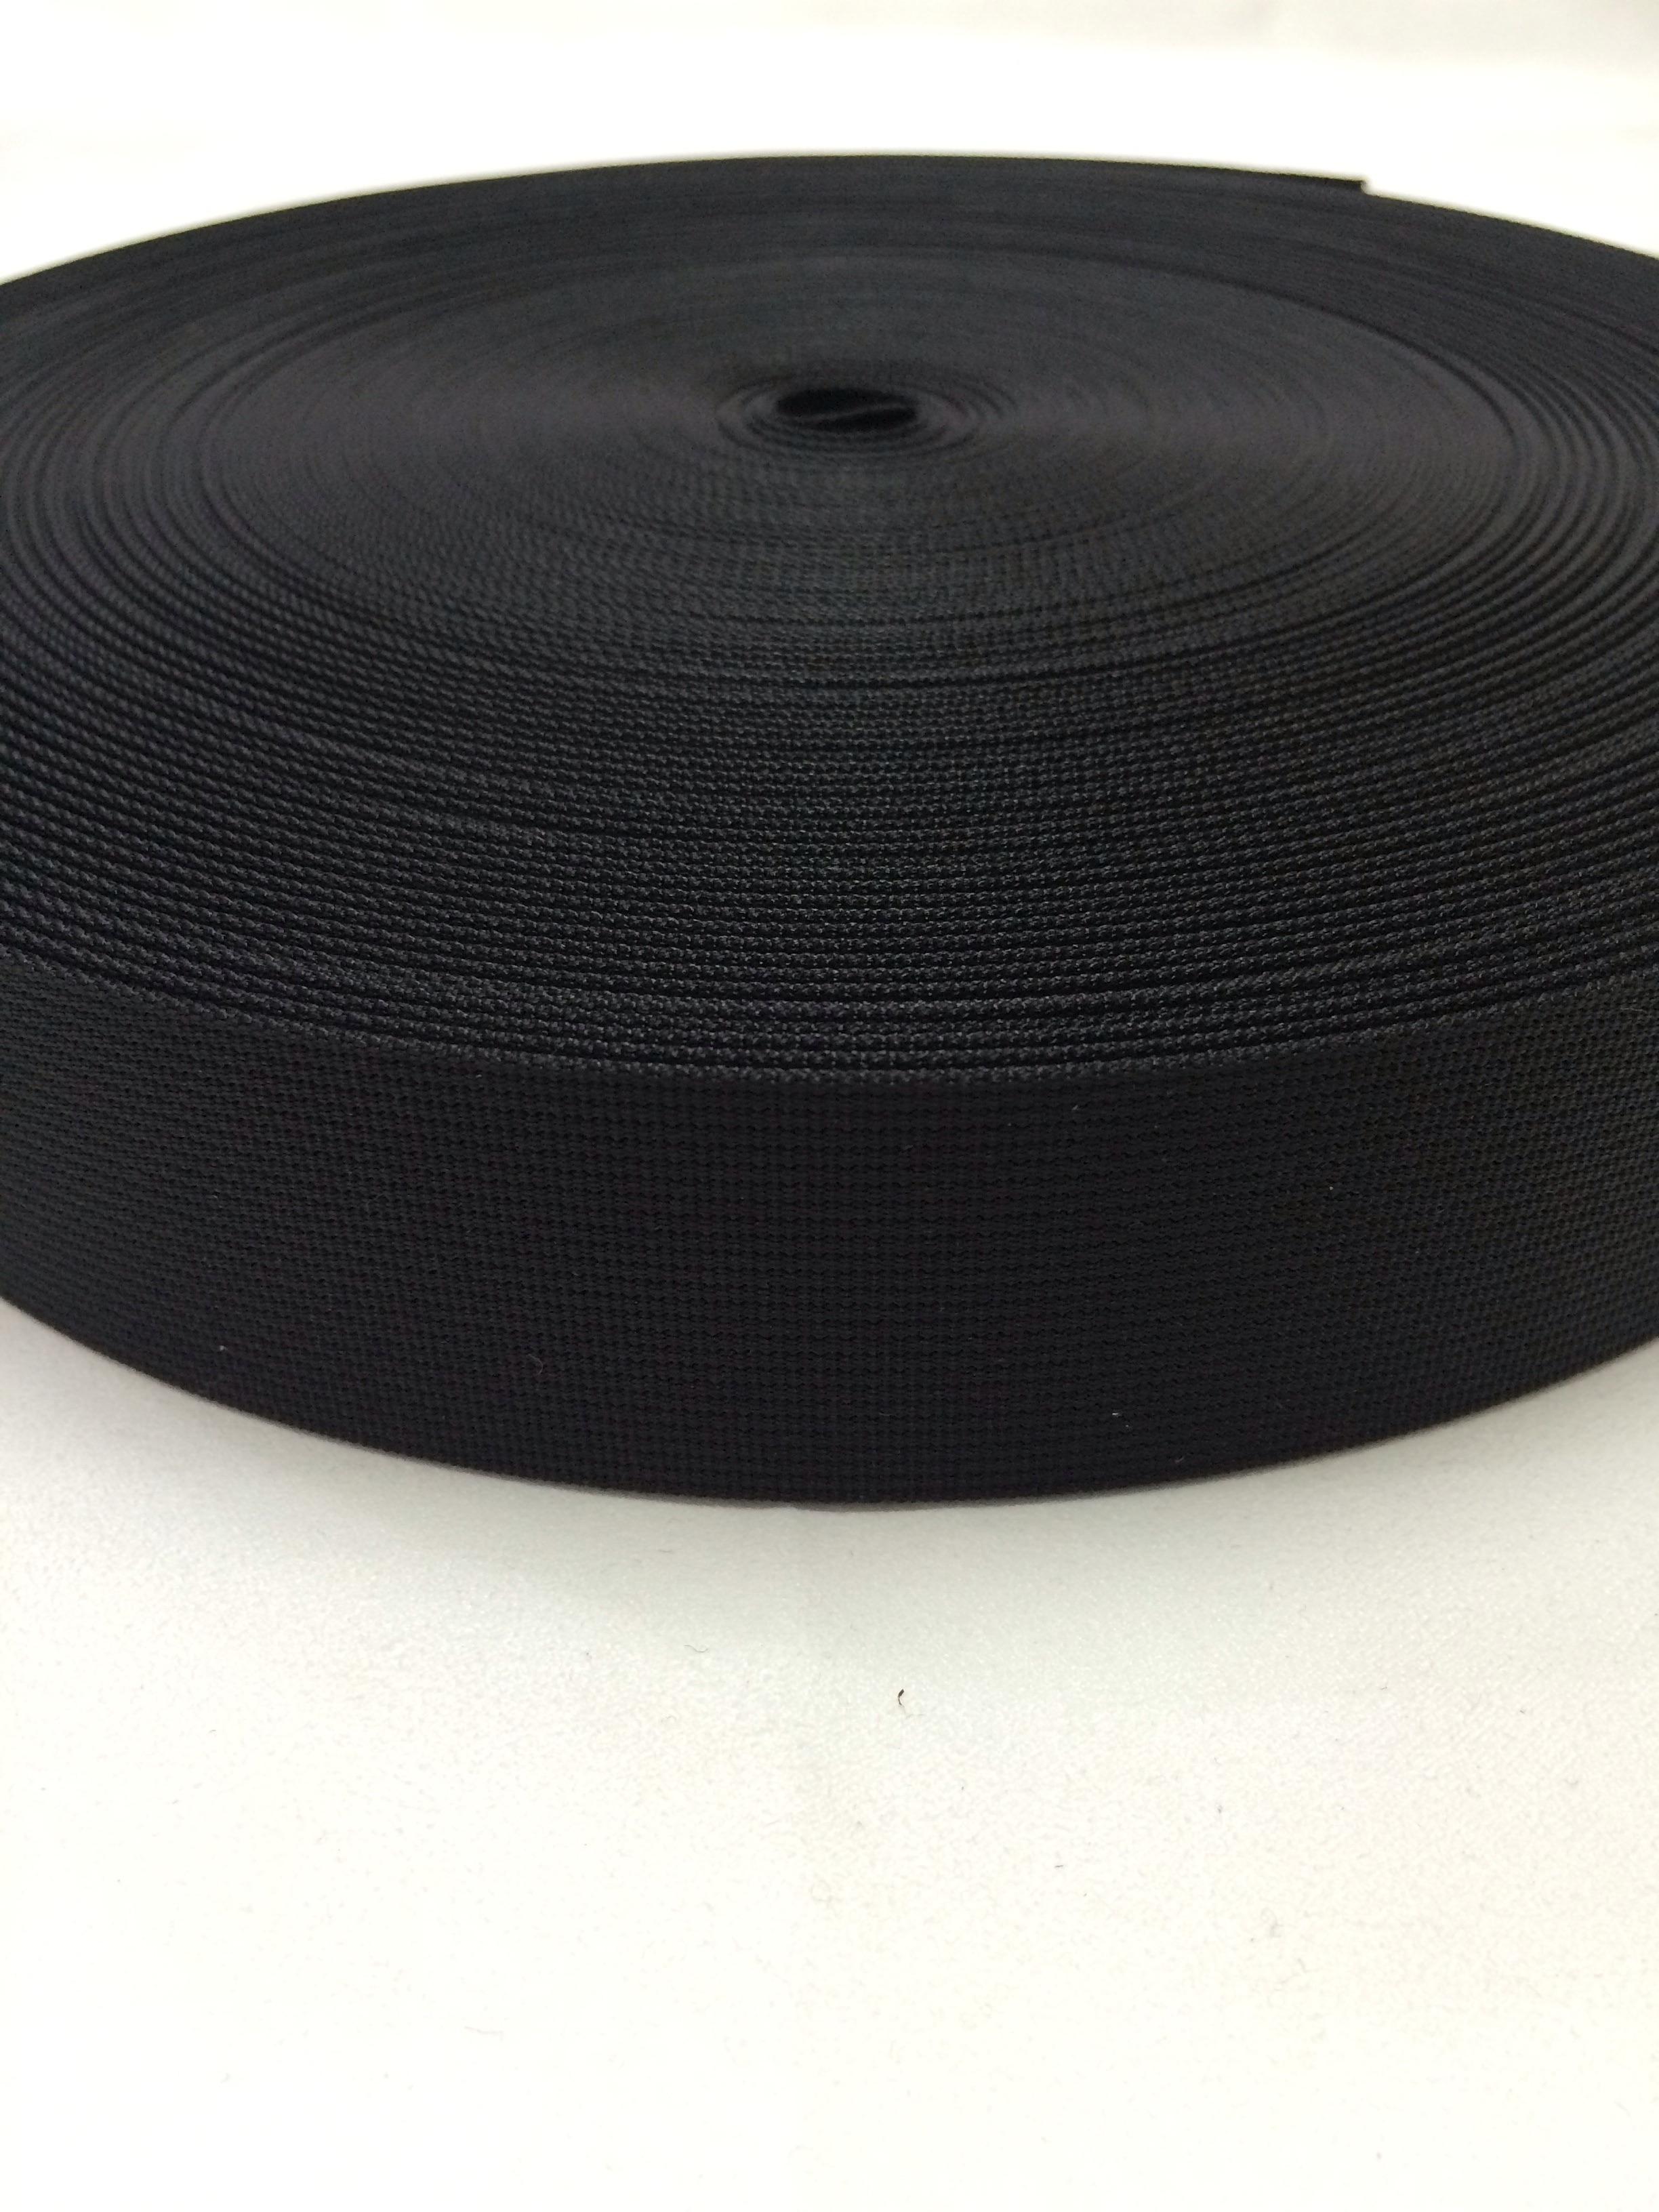 ナイロンテープ 高密度織 50mm幅 1mm厚  黒 1m